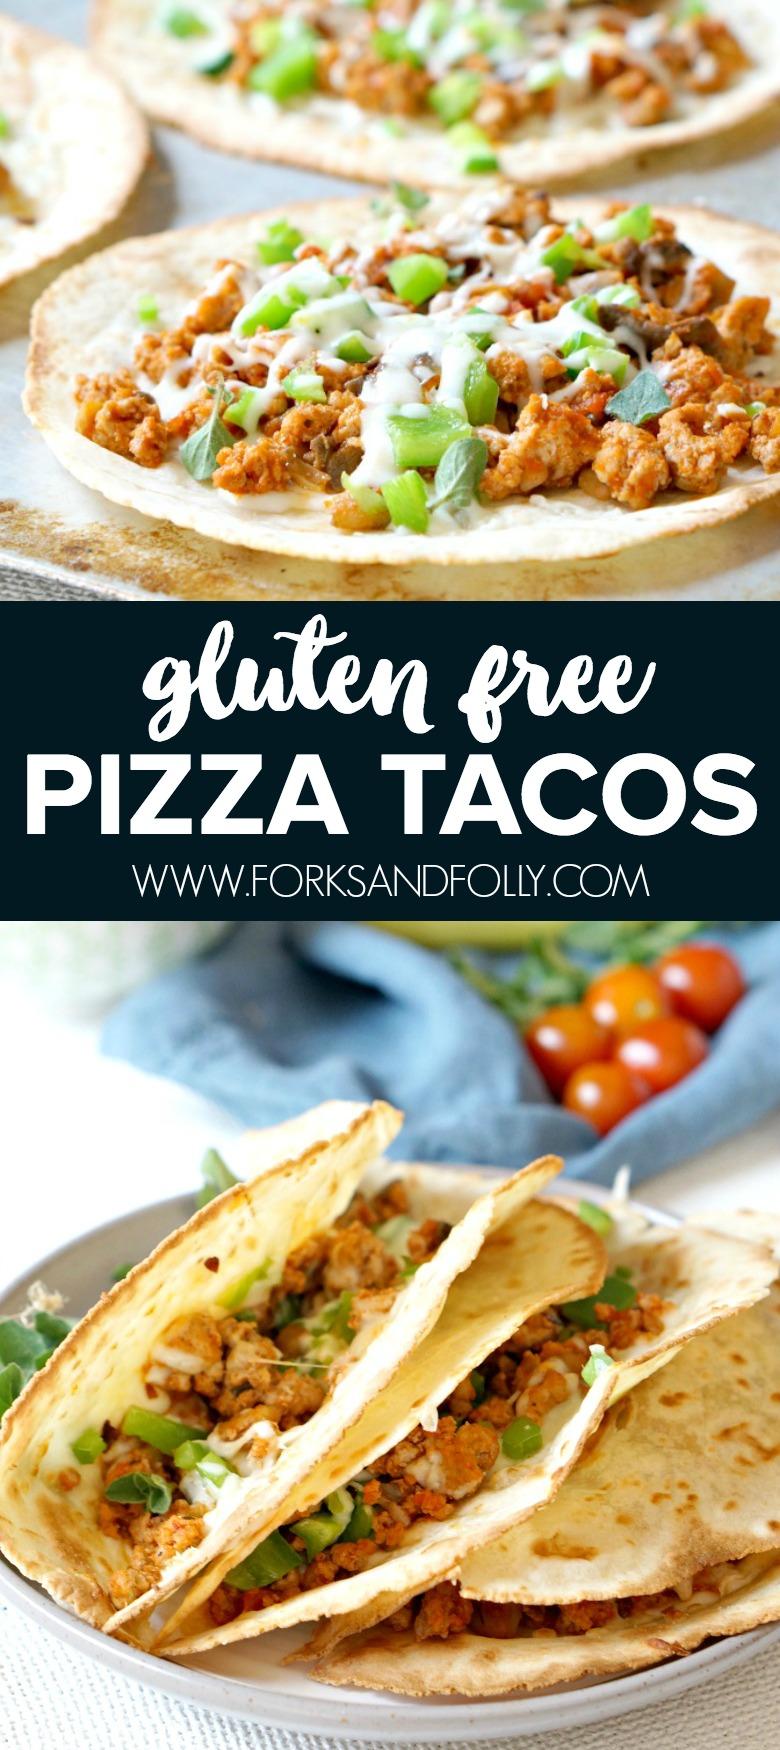 Gluten Free Pizza Tacos with Hidden Veggies